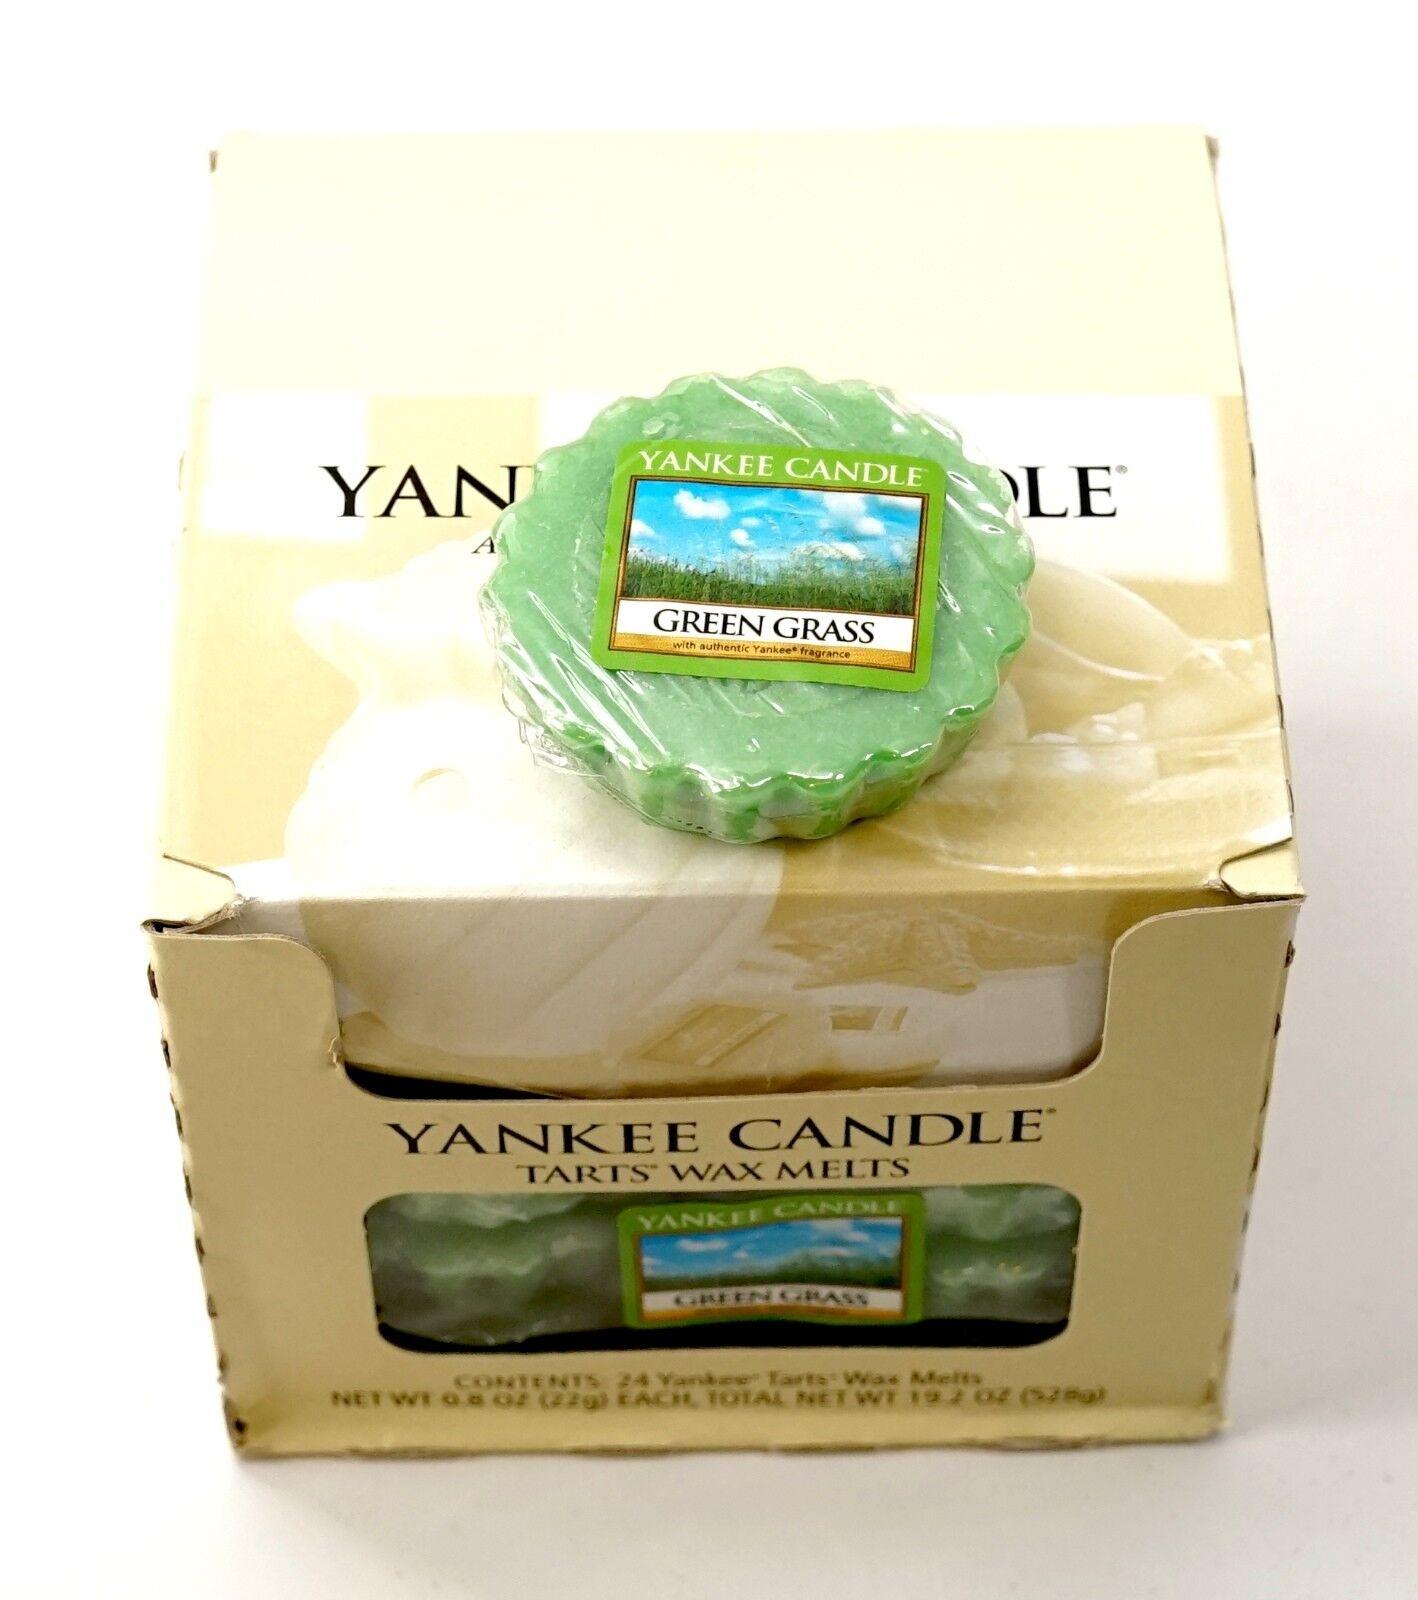 NEW Yankee Candle Full Box Lot of 24 TKunsts Wax Melts - Grün Grass